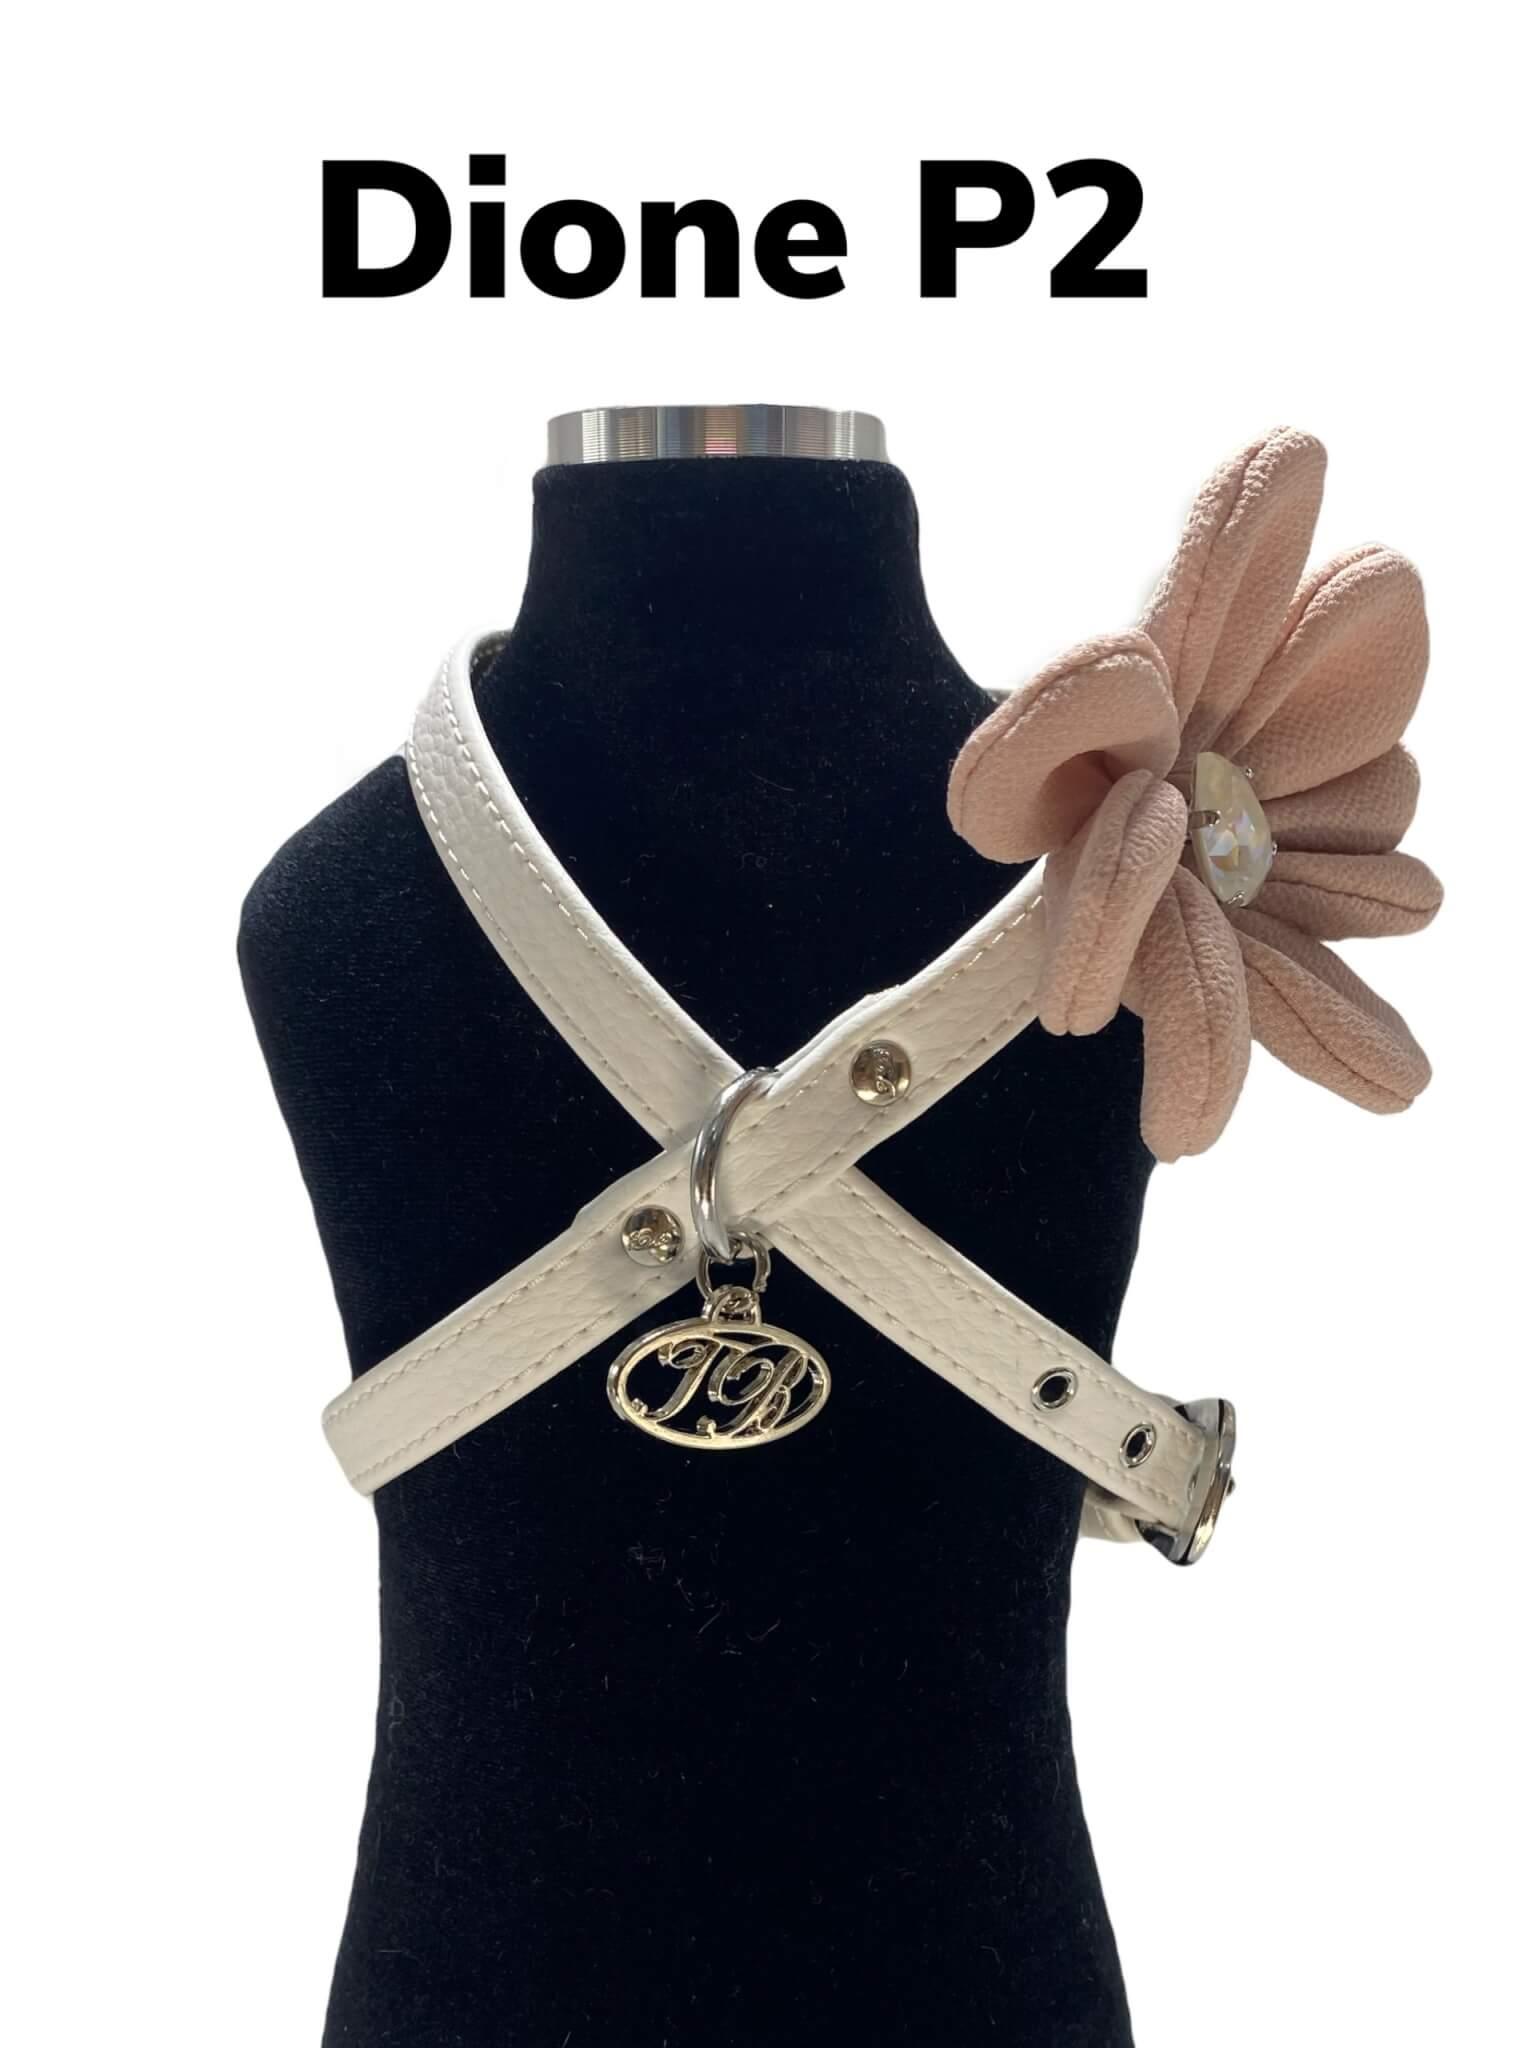 DIONE P2 15 CON NOME